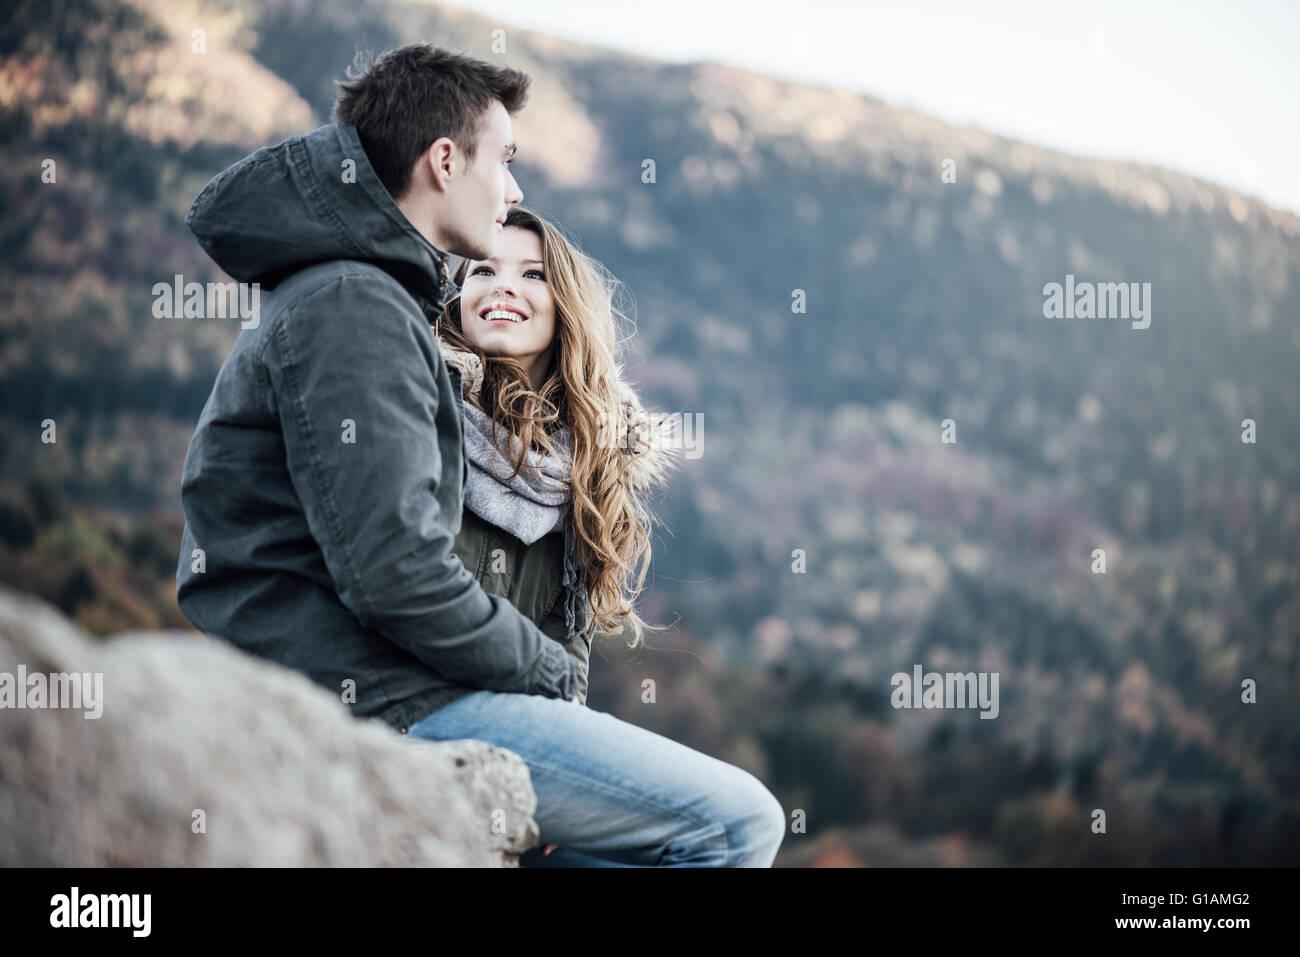 Romantico coppia giovane dating in inverno, essi sono seduti insieme, guarda il suo fidanzato Immagini Stock